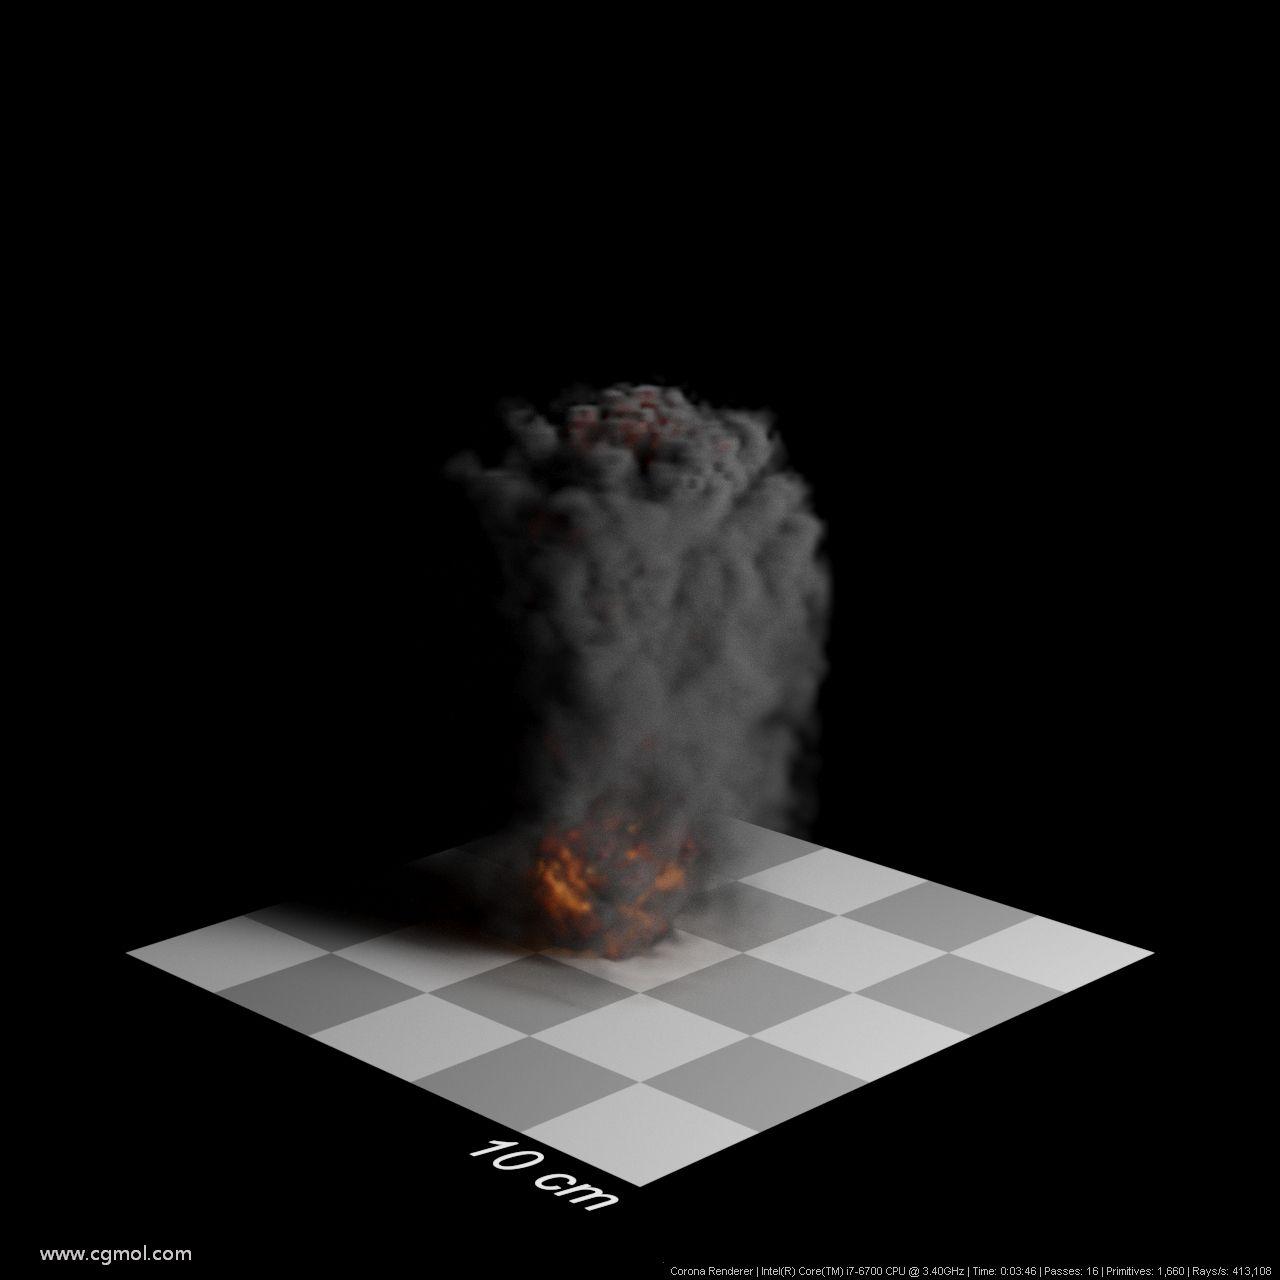 步长0.5厘米。渲染时间3分46秒。烟雾浓密,细节得以保留